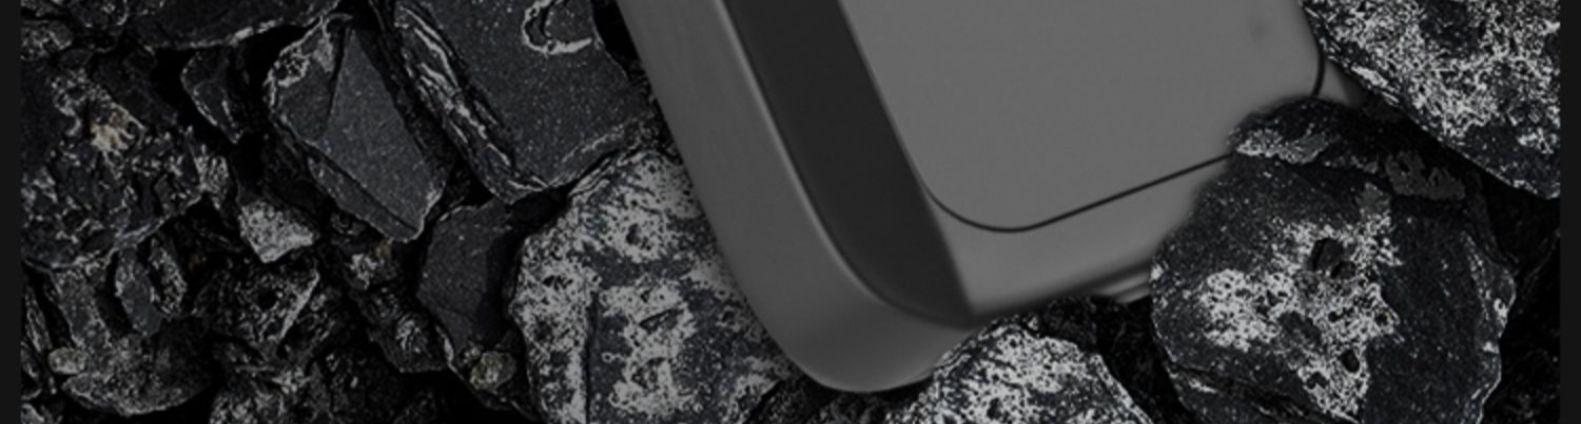 一对对讲机讲小型户外宝峯无线手持机大功率迷你宝锋详细照片